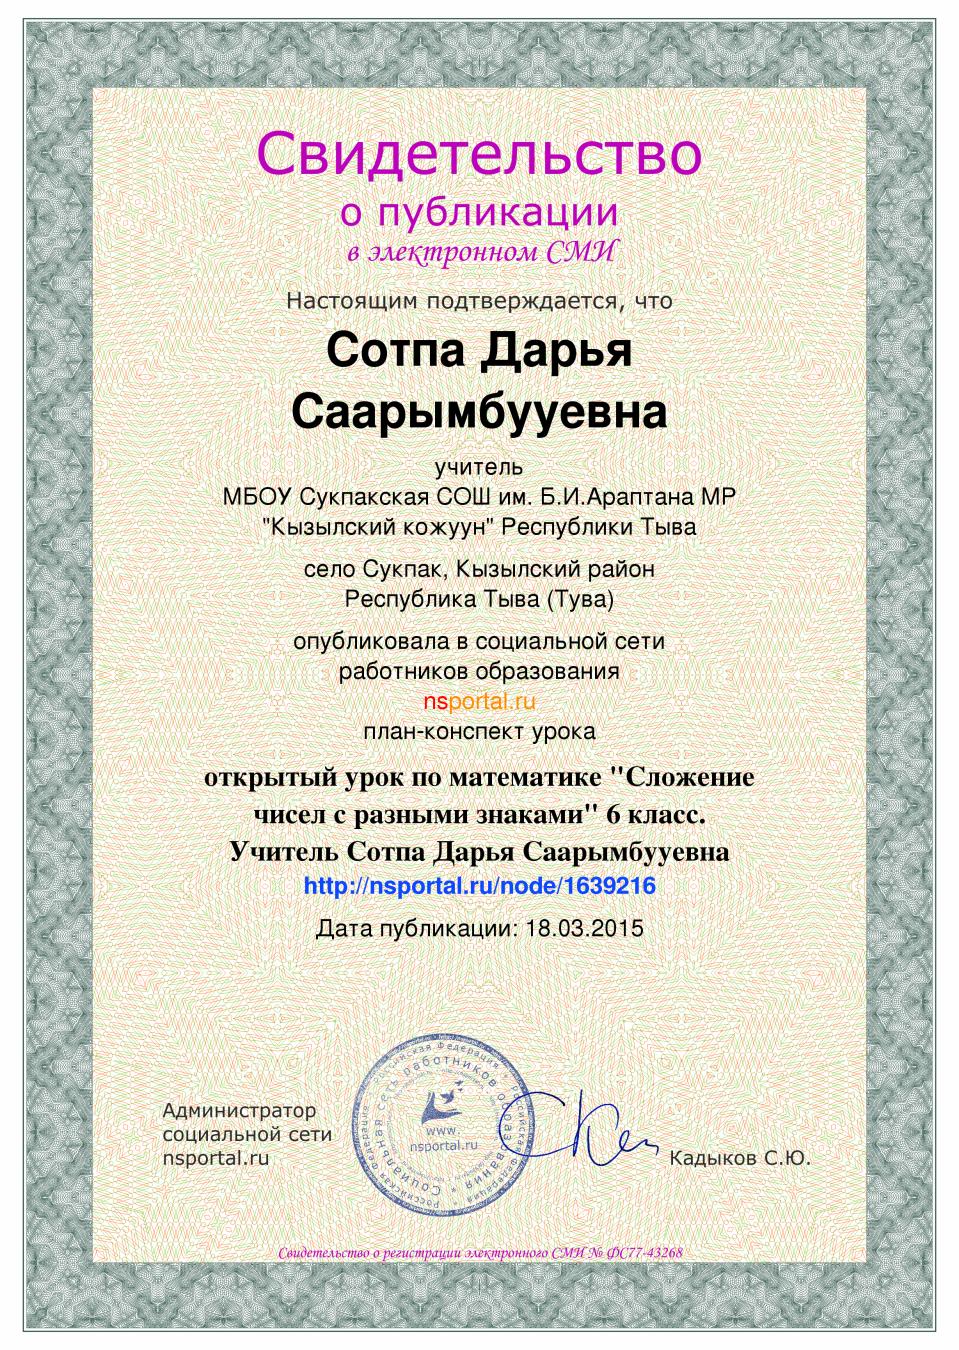 C:\Users\Снежана\Desktop\сертификаты инфоурок\сертификаты сайта\сертификат Сотпа4.png